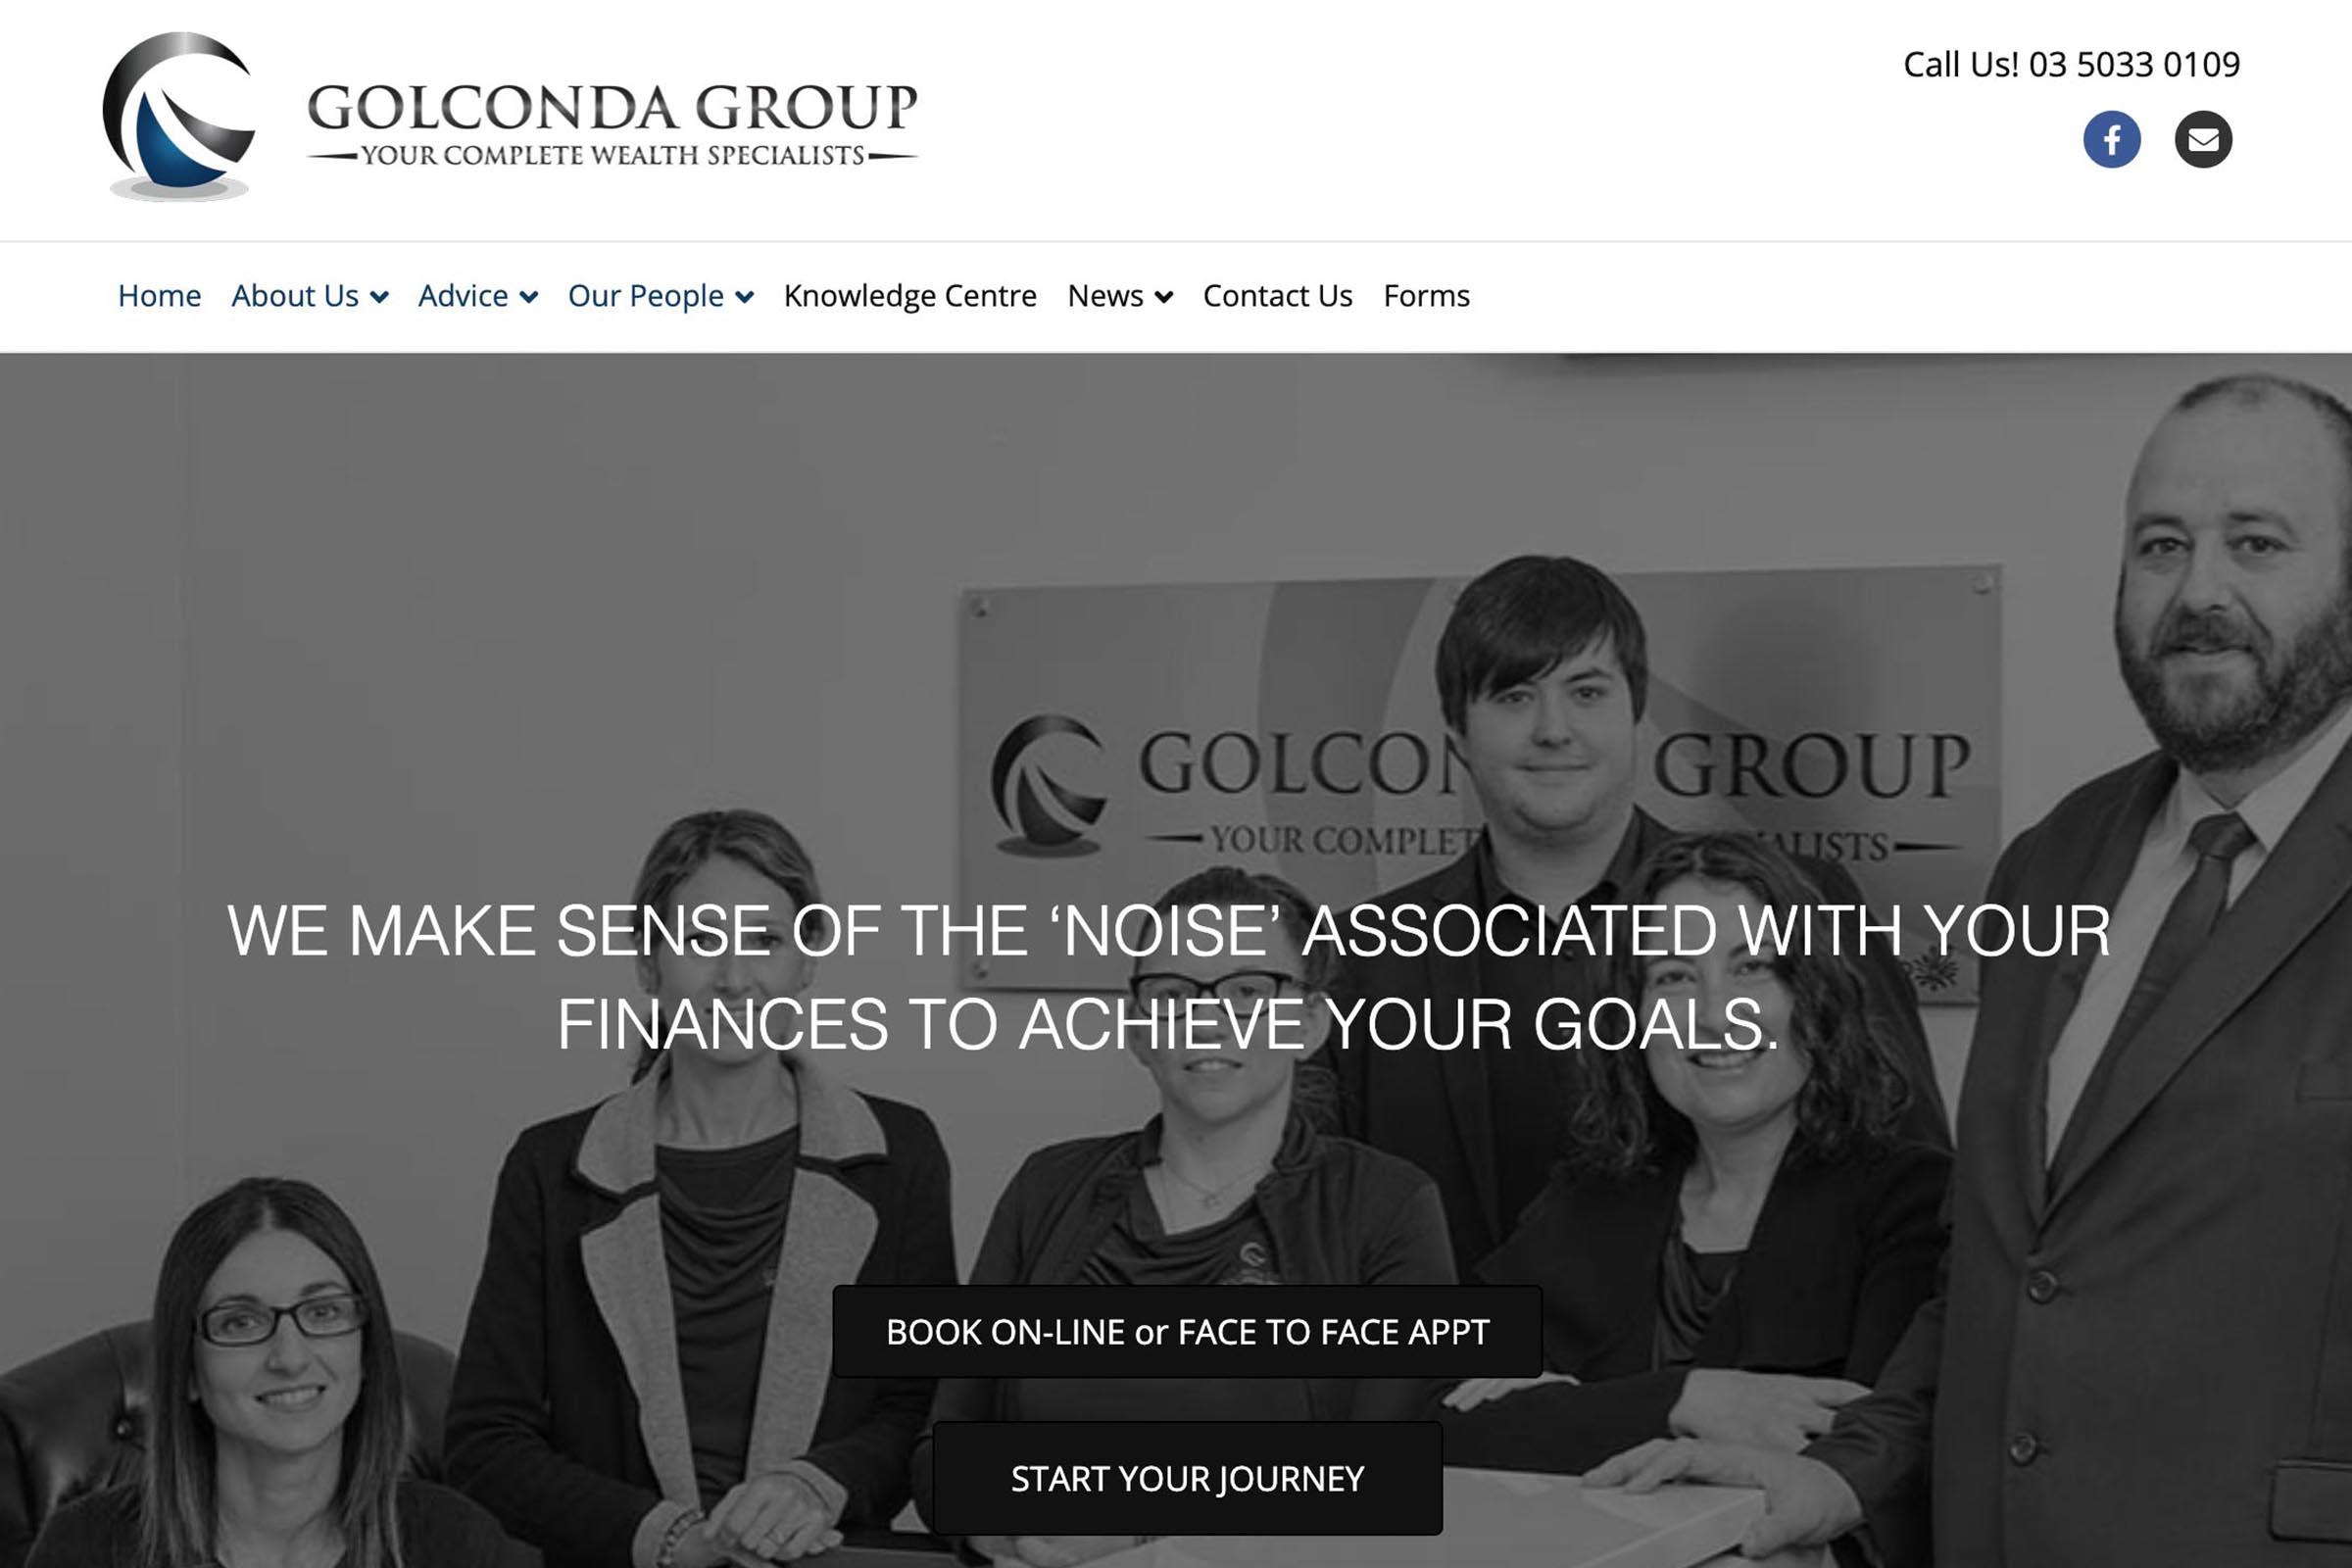 GOLCONDA GROUP